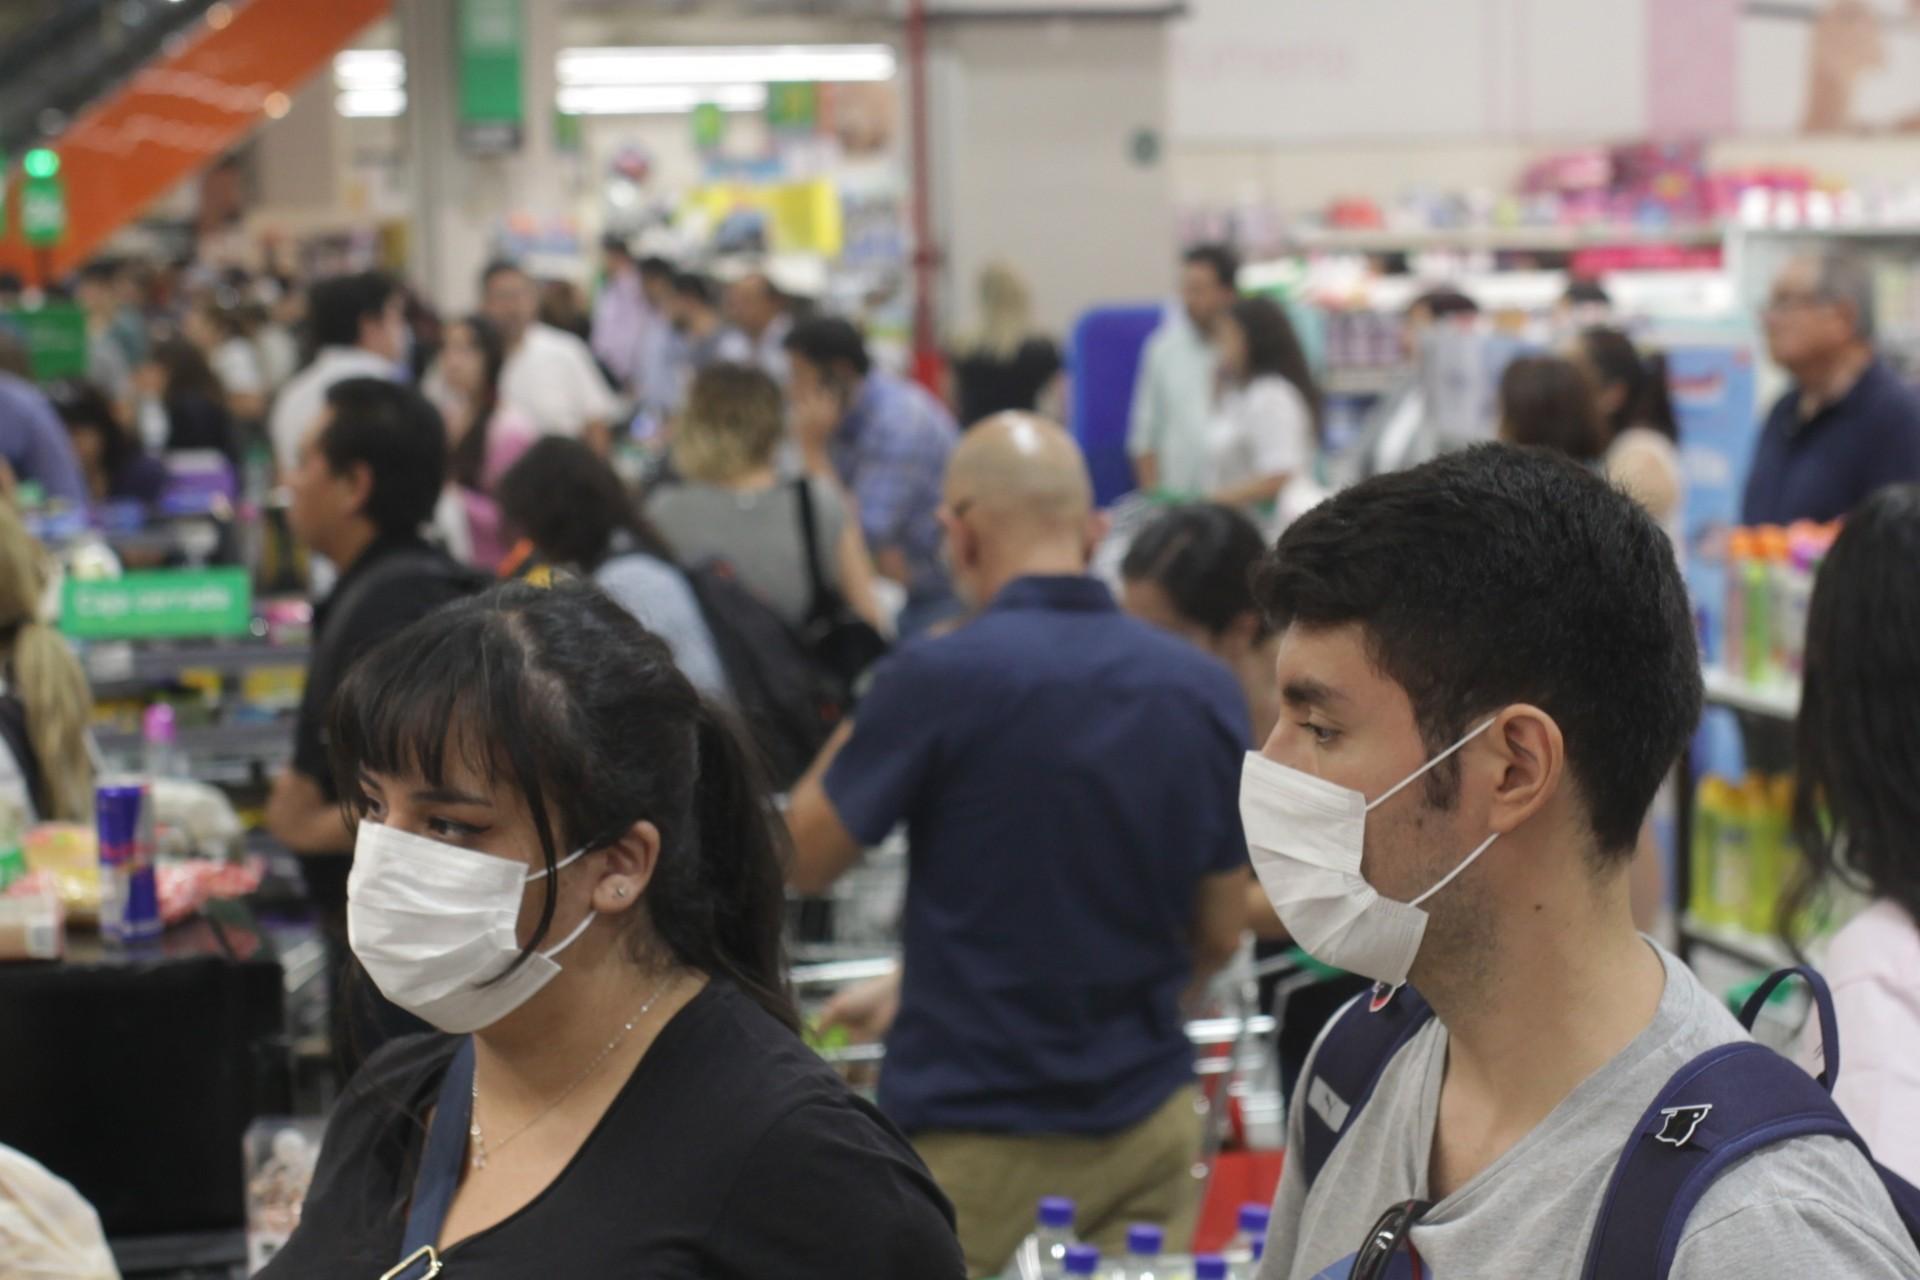 Şili'de ağızlarında maske olan insanlar marketten alışveriş yapıyor.